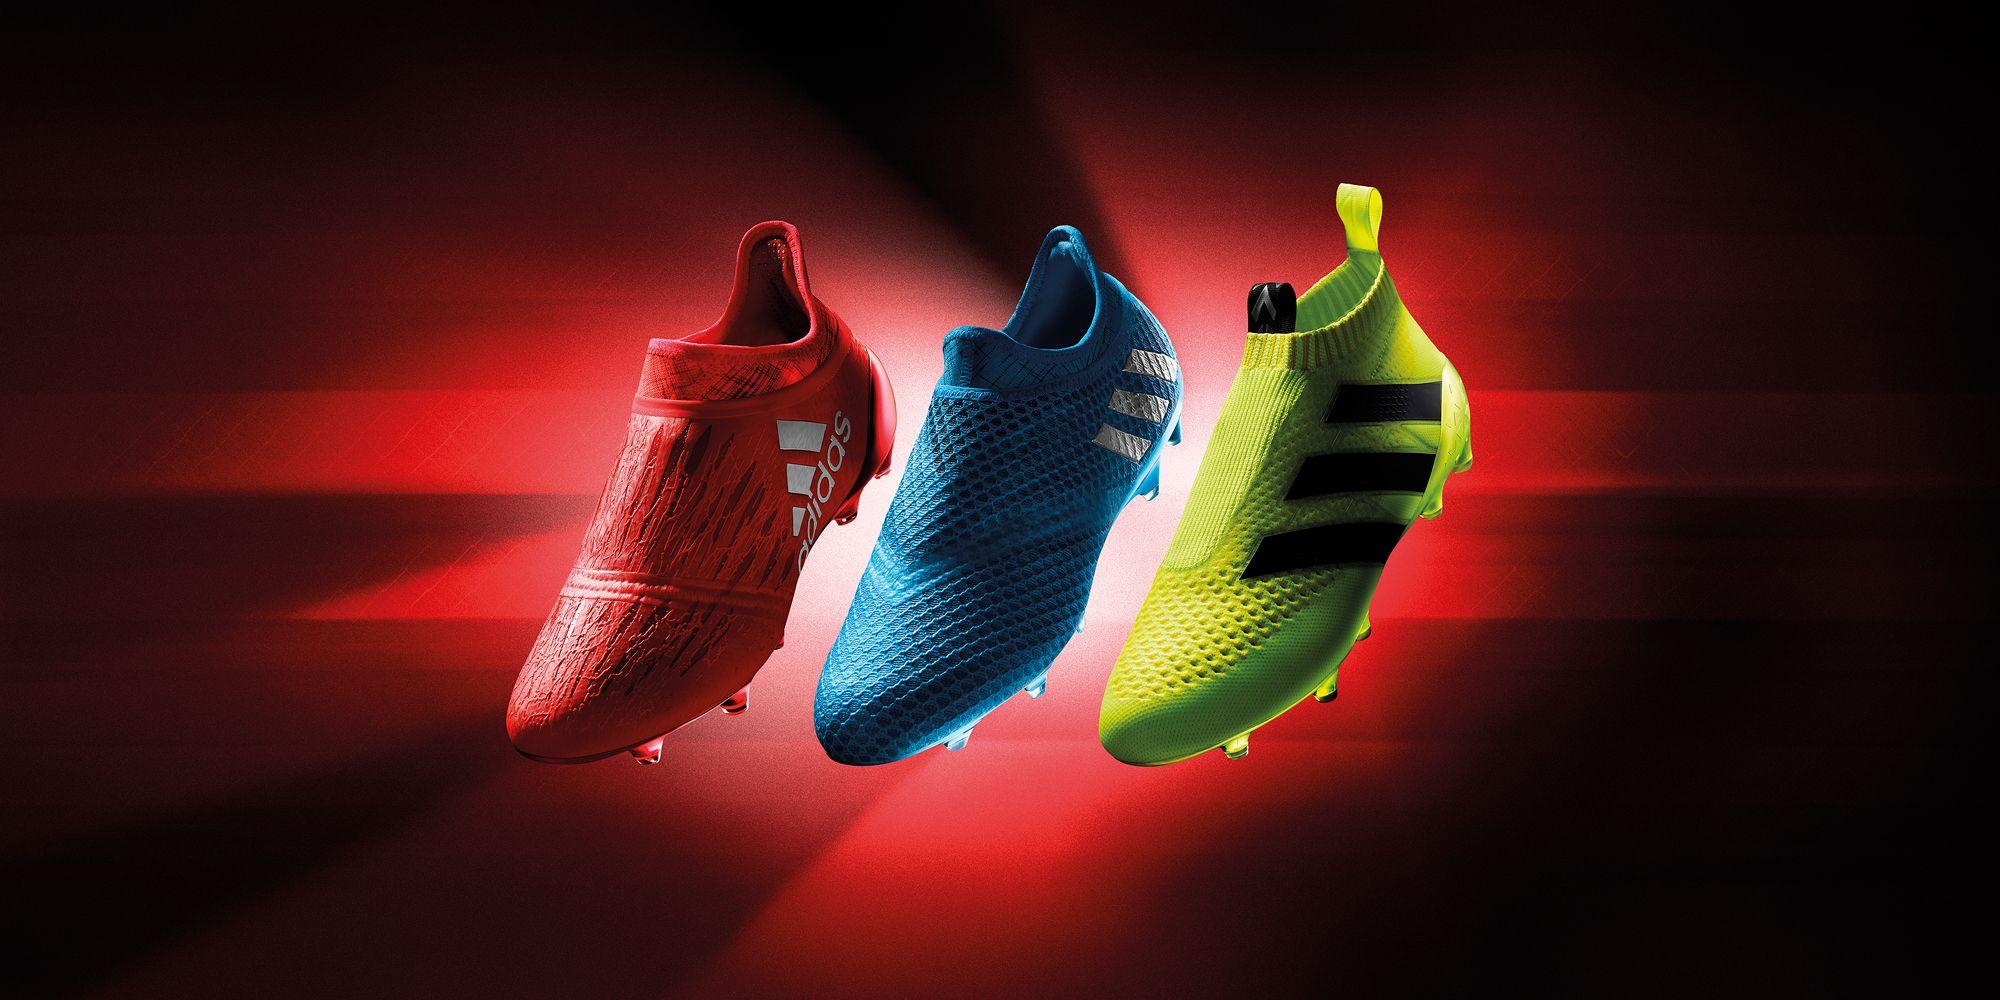 Pack Adidas Speed of zum Light Lichtgeschwindigkeit Mit LVGzMUpqS